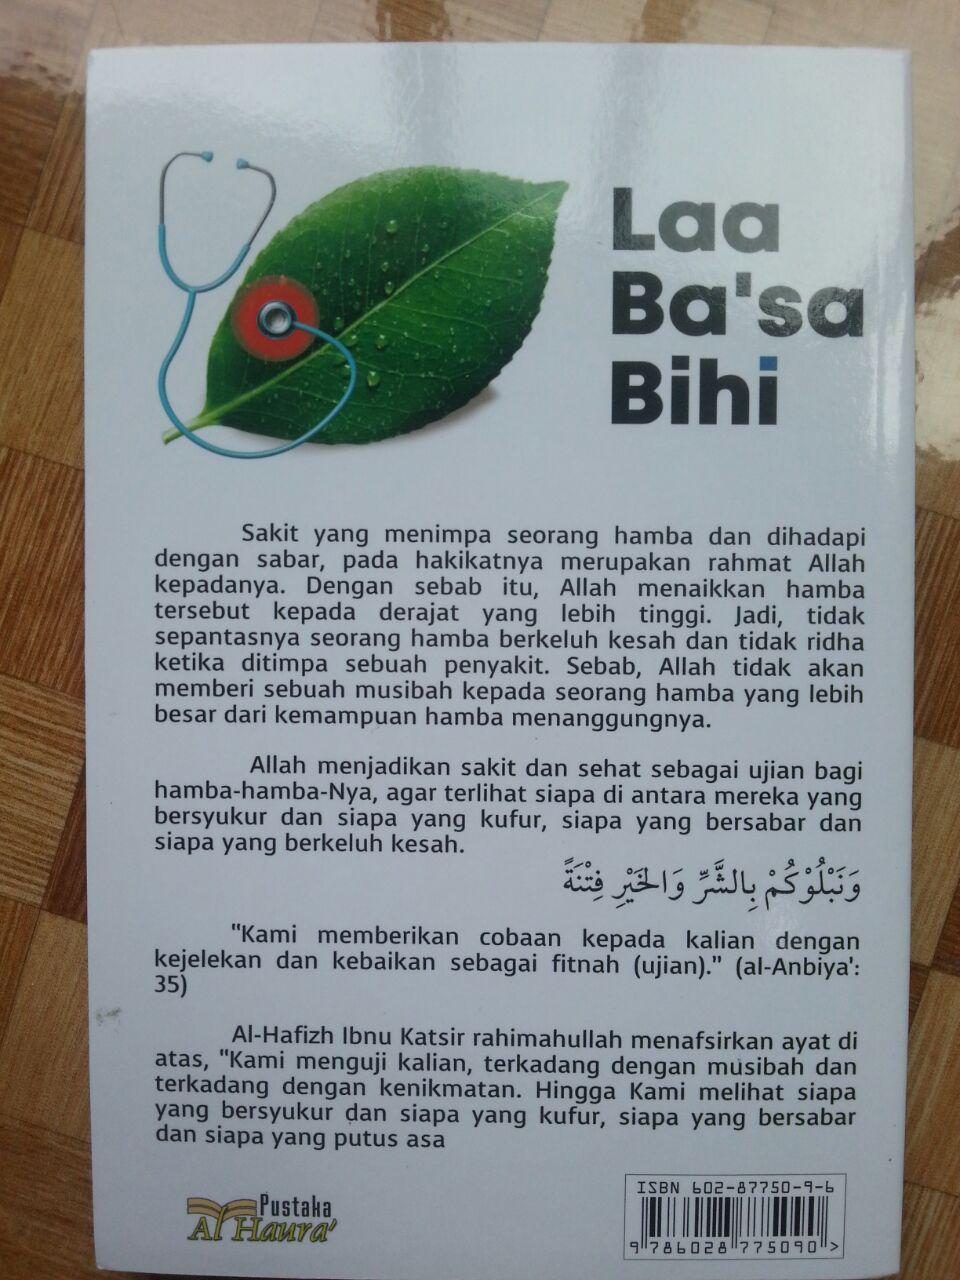 Buku Laa Ba'sa Bihi Berbahagialah Orang Yang Sakit cover